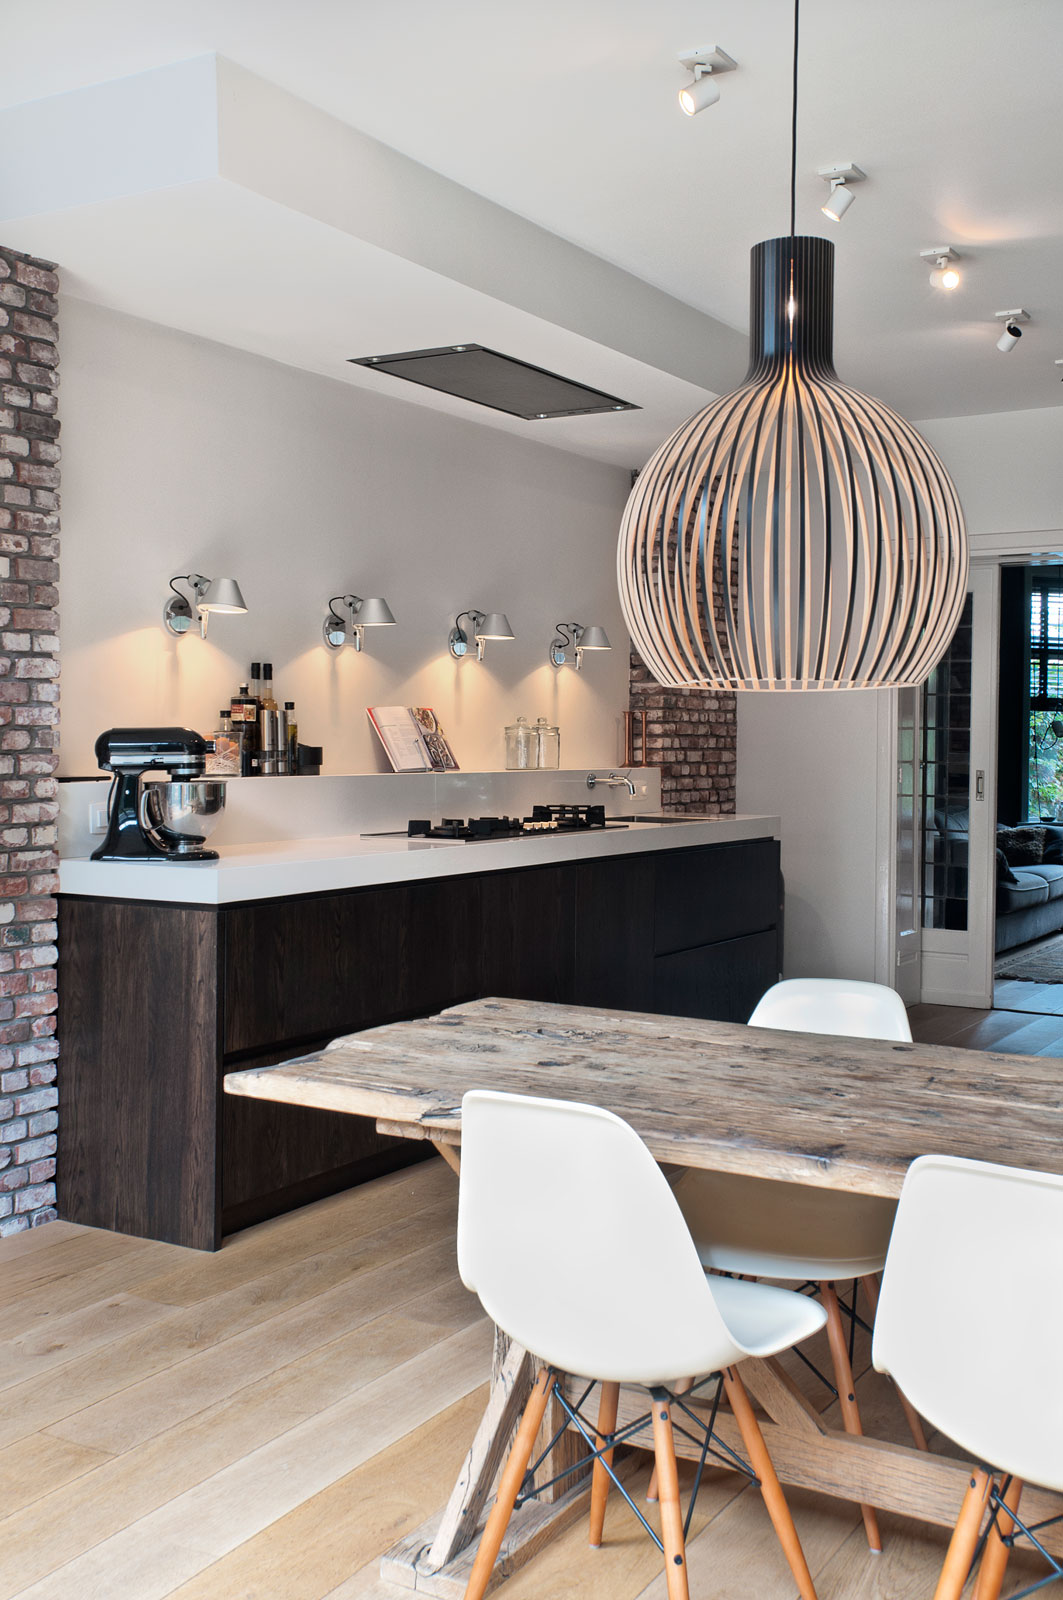 Пример продуманного многоуровневого освещения на кухне: направленное освещение рабочей поверхности посредством бра, большая декоративная люстра над обеденным столом, поворотные точечные потолочные светильники для основного освещения кухни. Источник: artemide.com